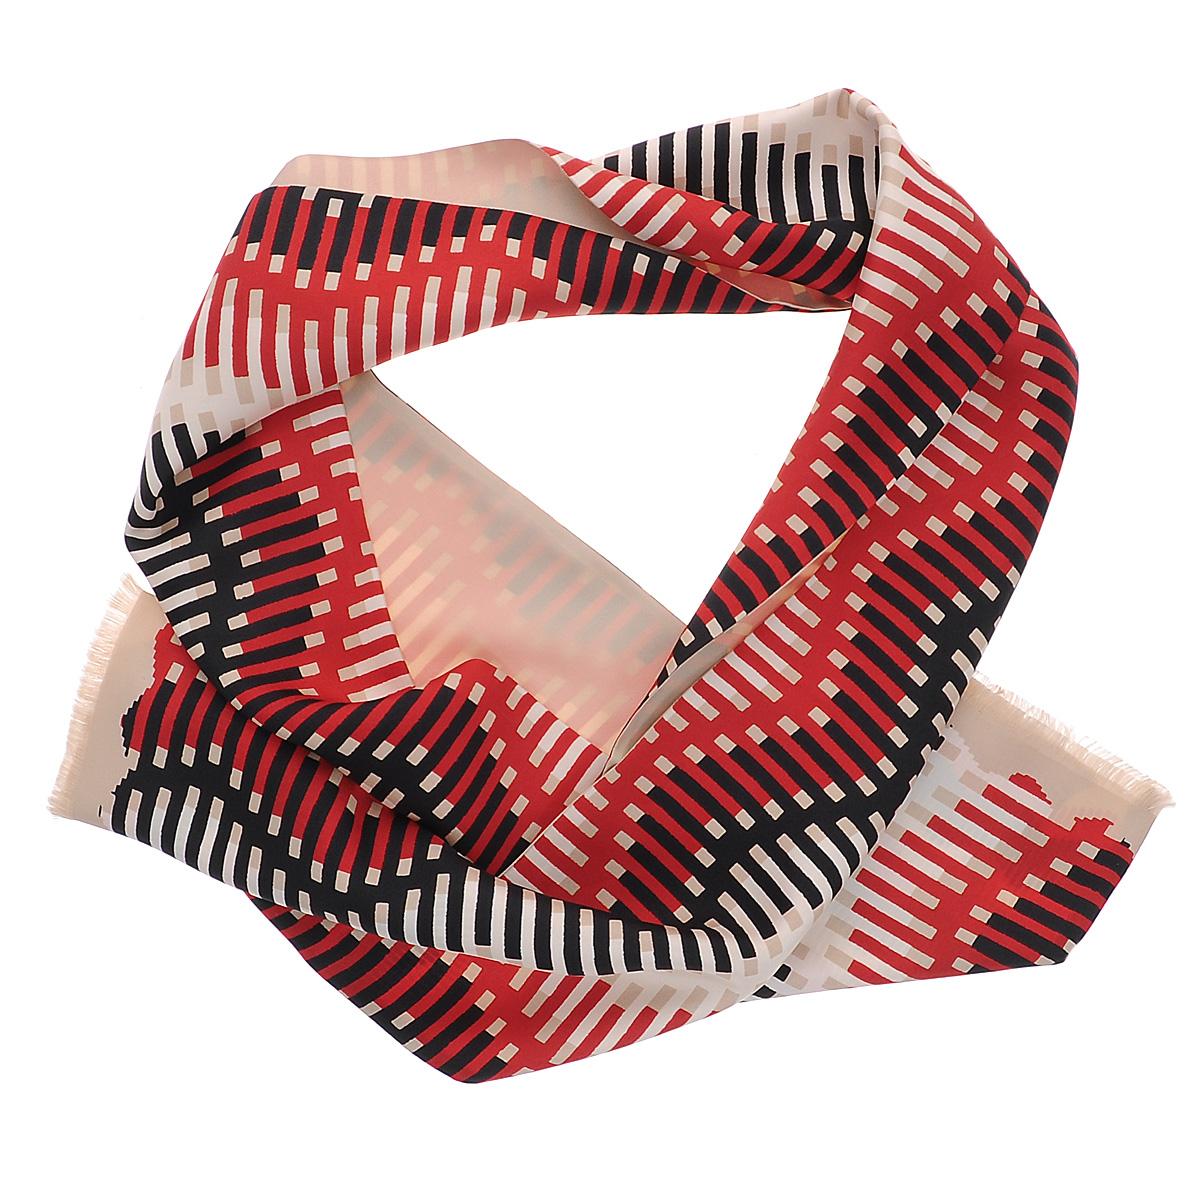 Шарф90003-10CЯркий мужской шарф Moltini станет изысканным аксессуаром, который призван подчеркнуть ваш стиль и индивидуальность. Он выполнен из 100% шелка и оформлен оригинальным принтом с цветными полосками. Края модели декорированы тонкой бахромой.